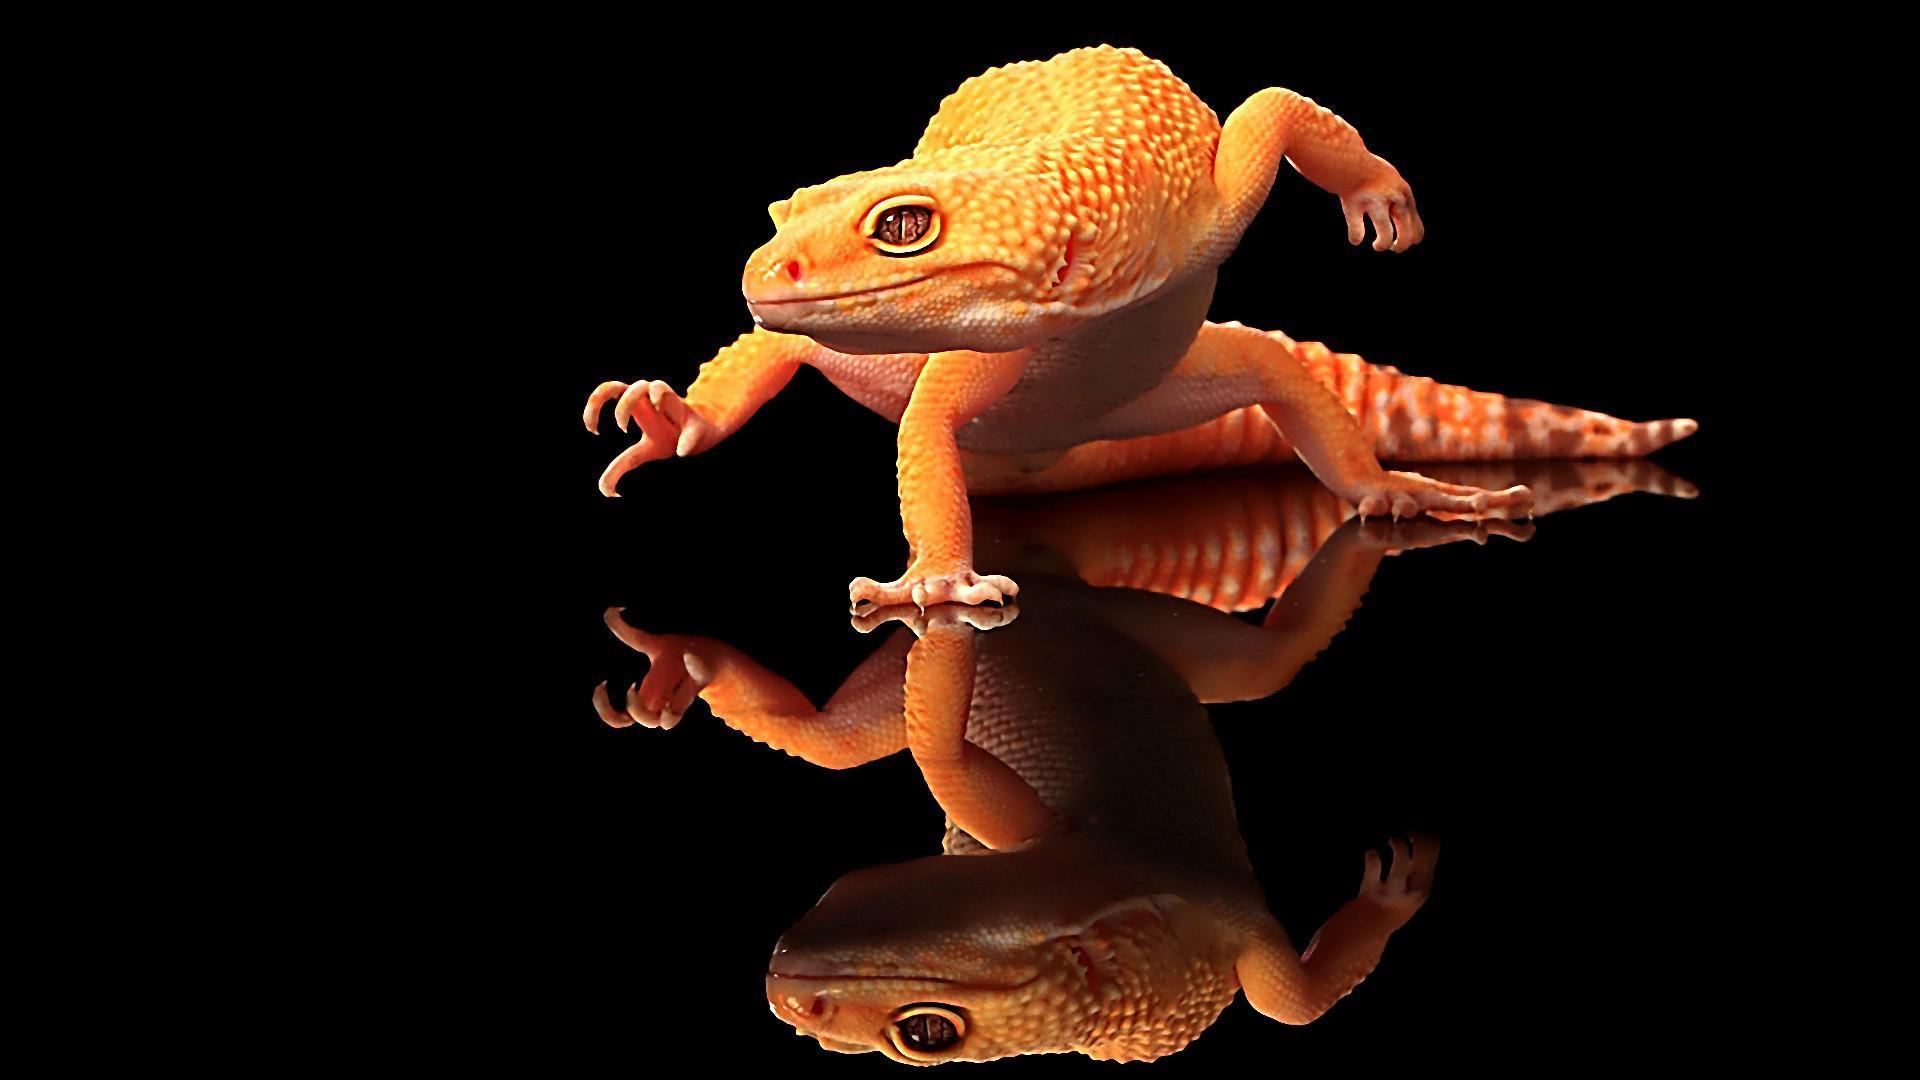 cool lizard wallpaper 21413